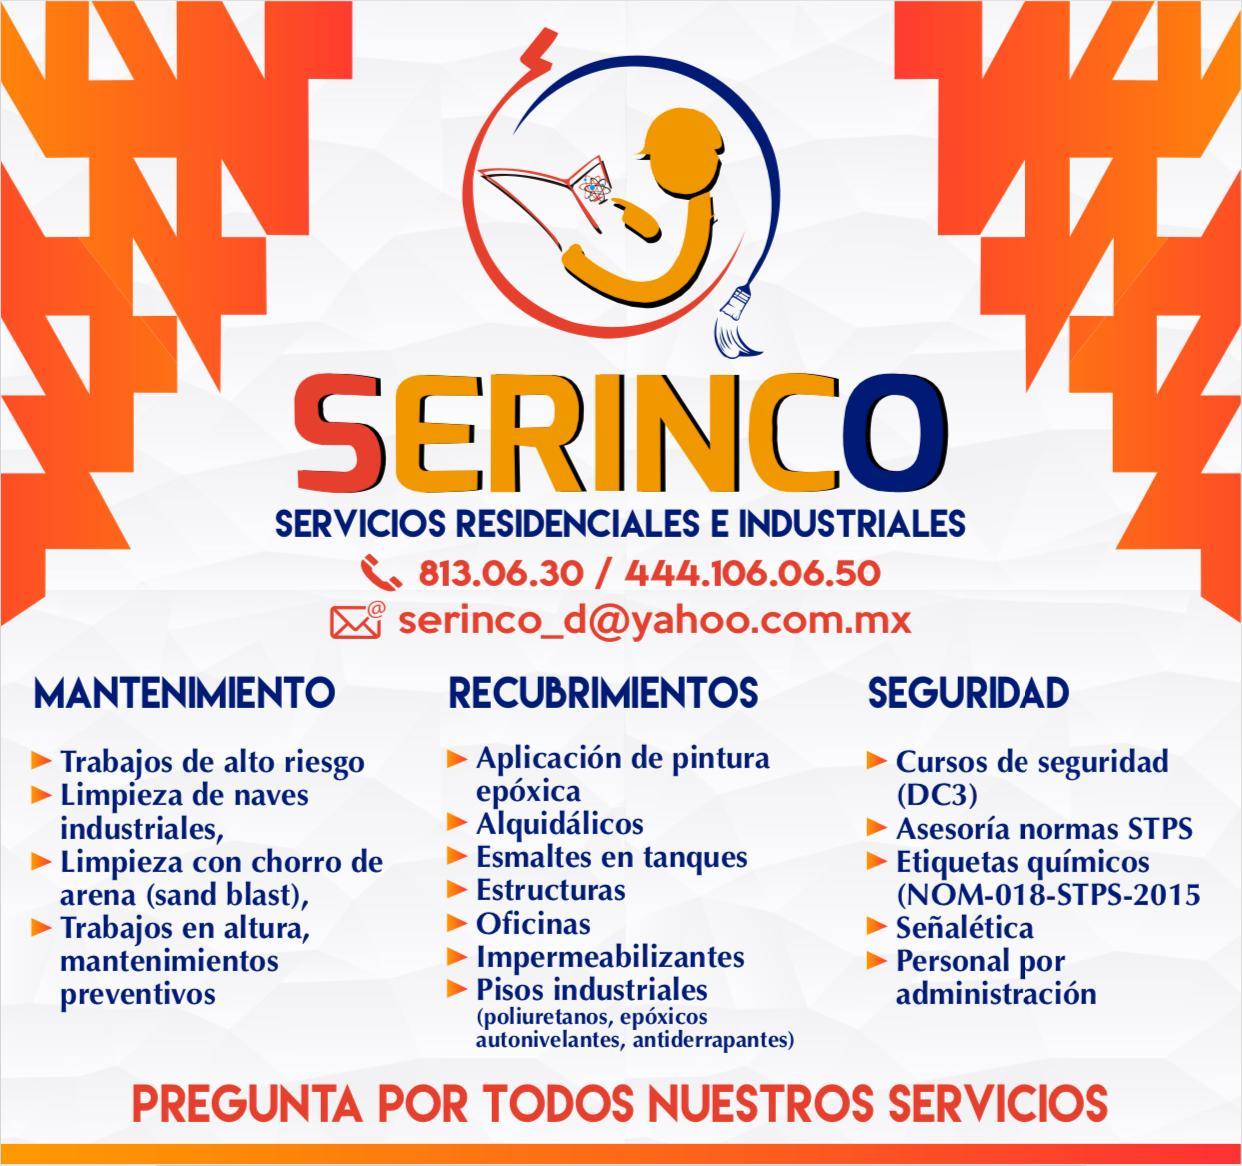 SERINCO